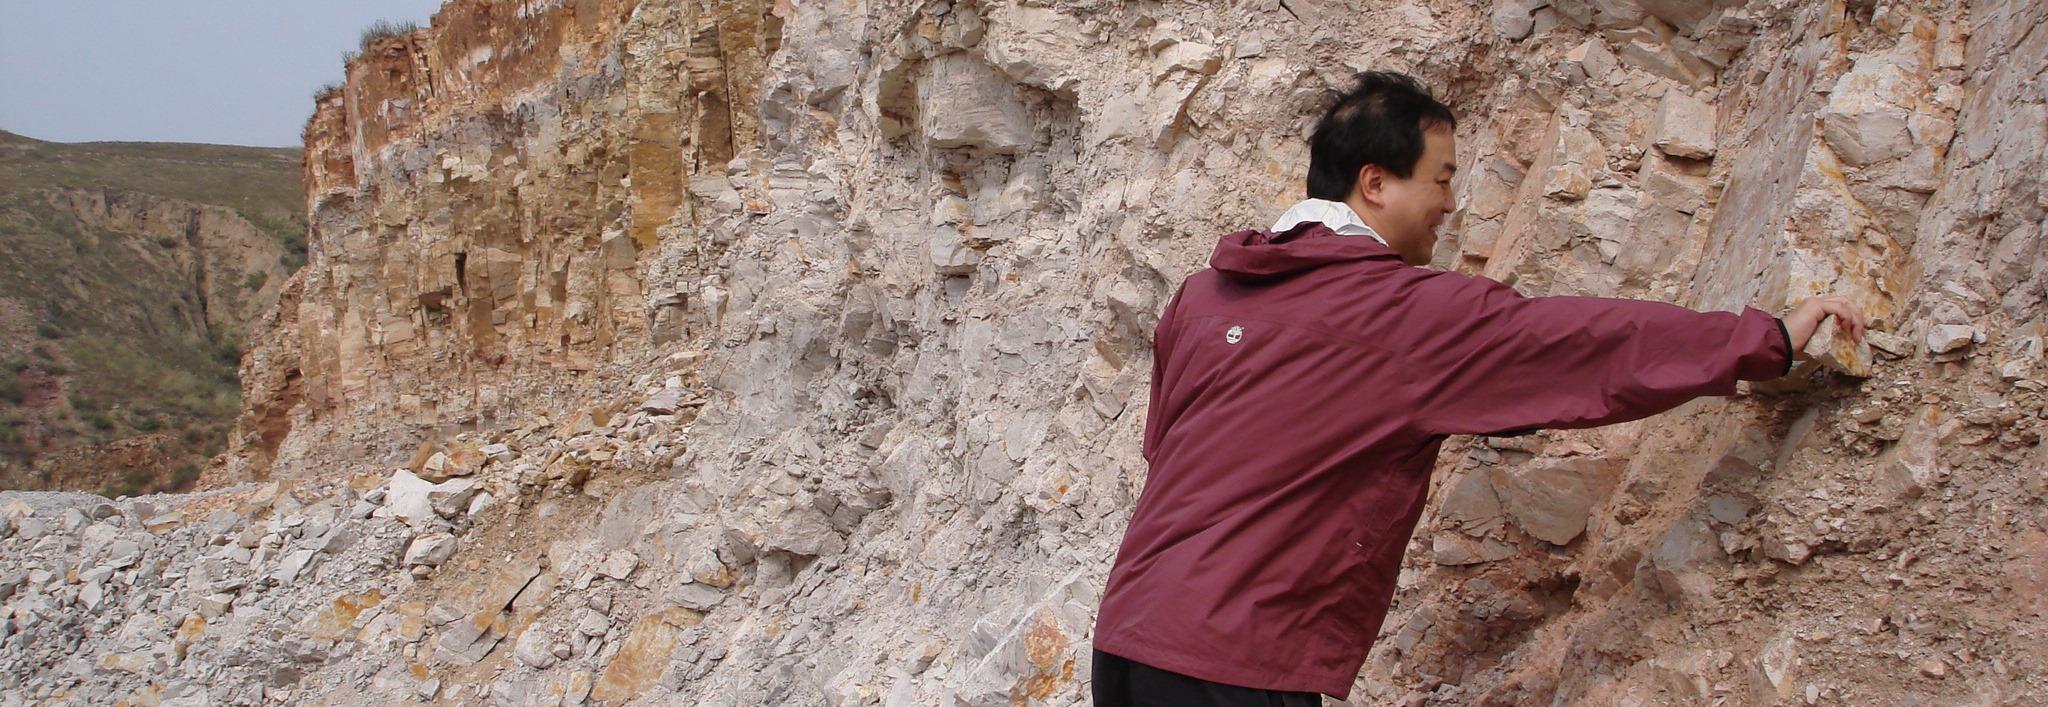 Hard-kaolin-deposit-Inner-Mongolia-2006